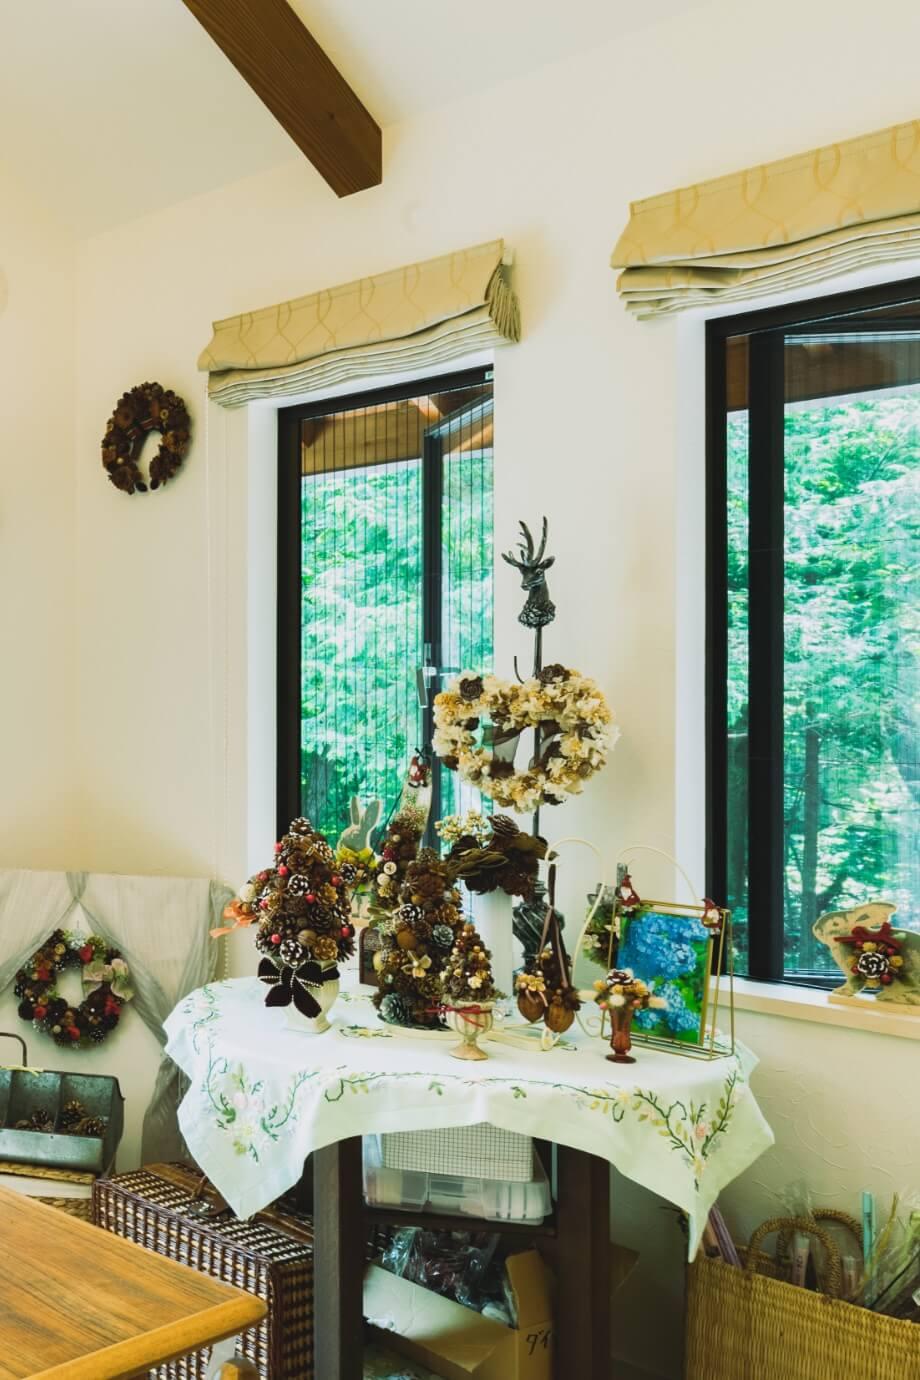 軽井沢のアトリエに飾られた宇野様のトロッケンクランツの作品たち。